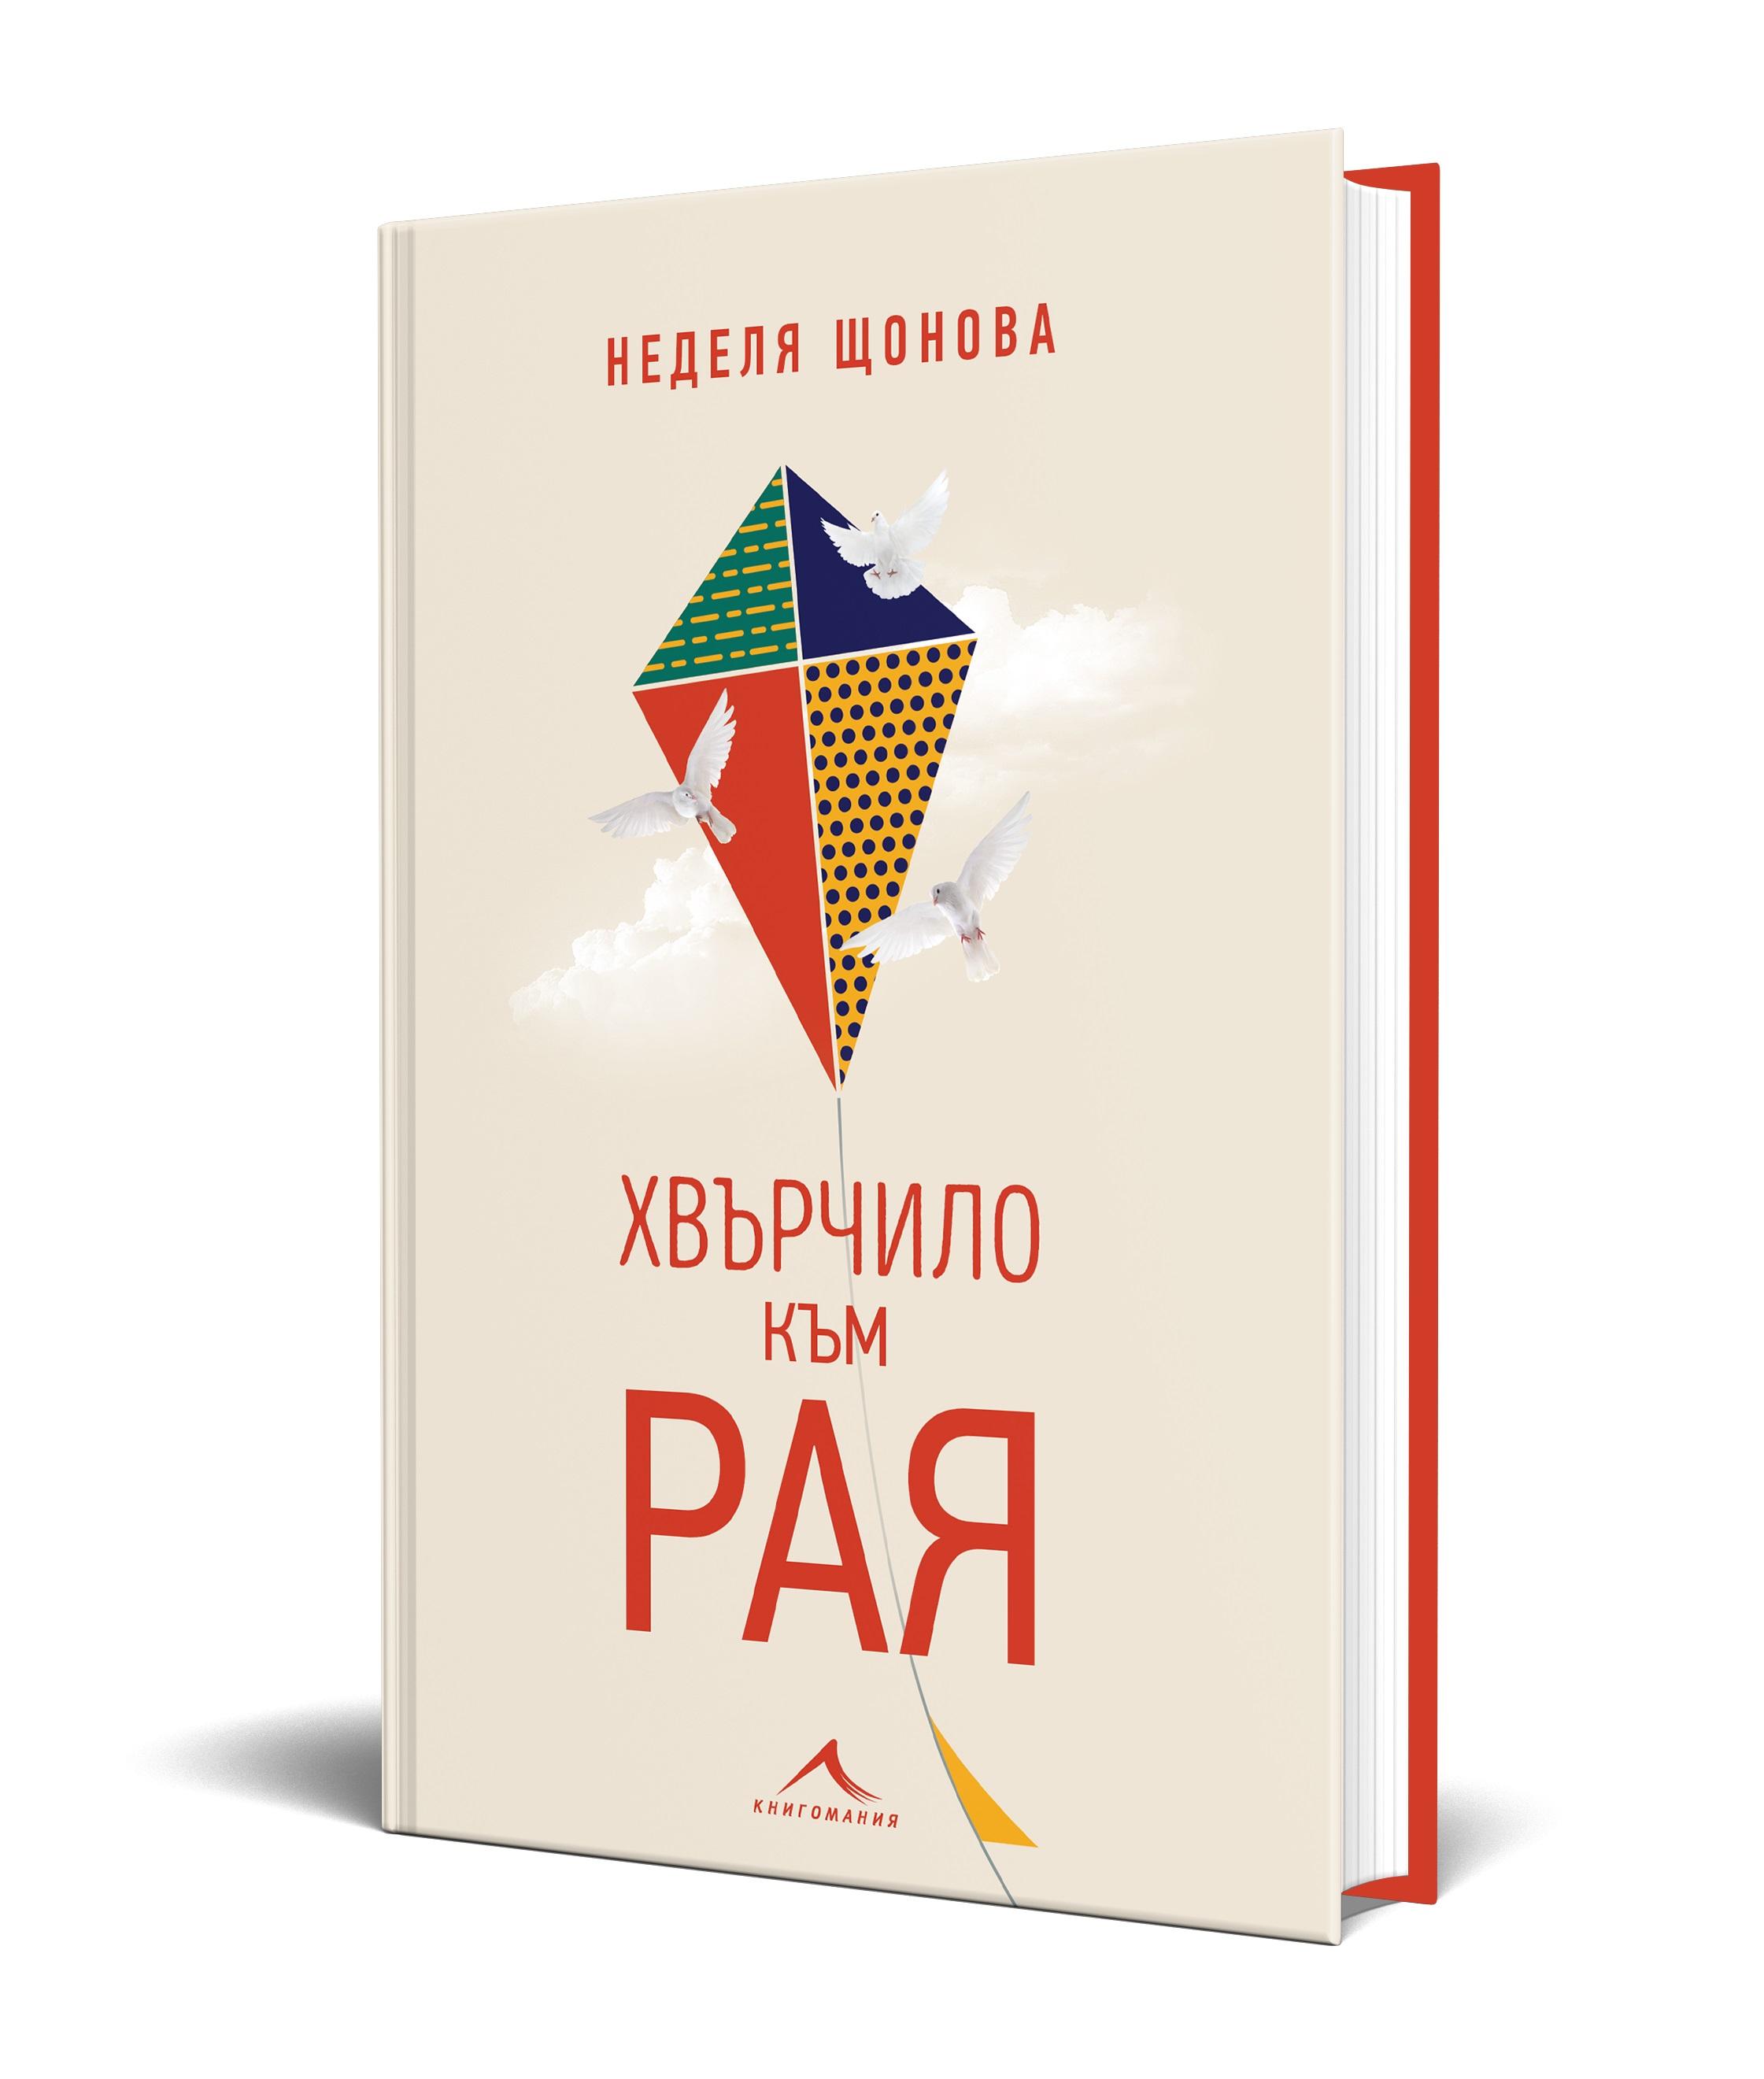 Популярната водеща и лекар д-р Неделя Щонова издава първата си книга